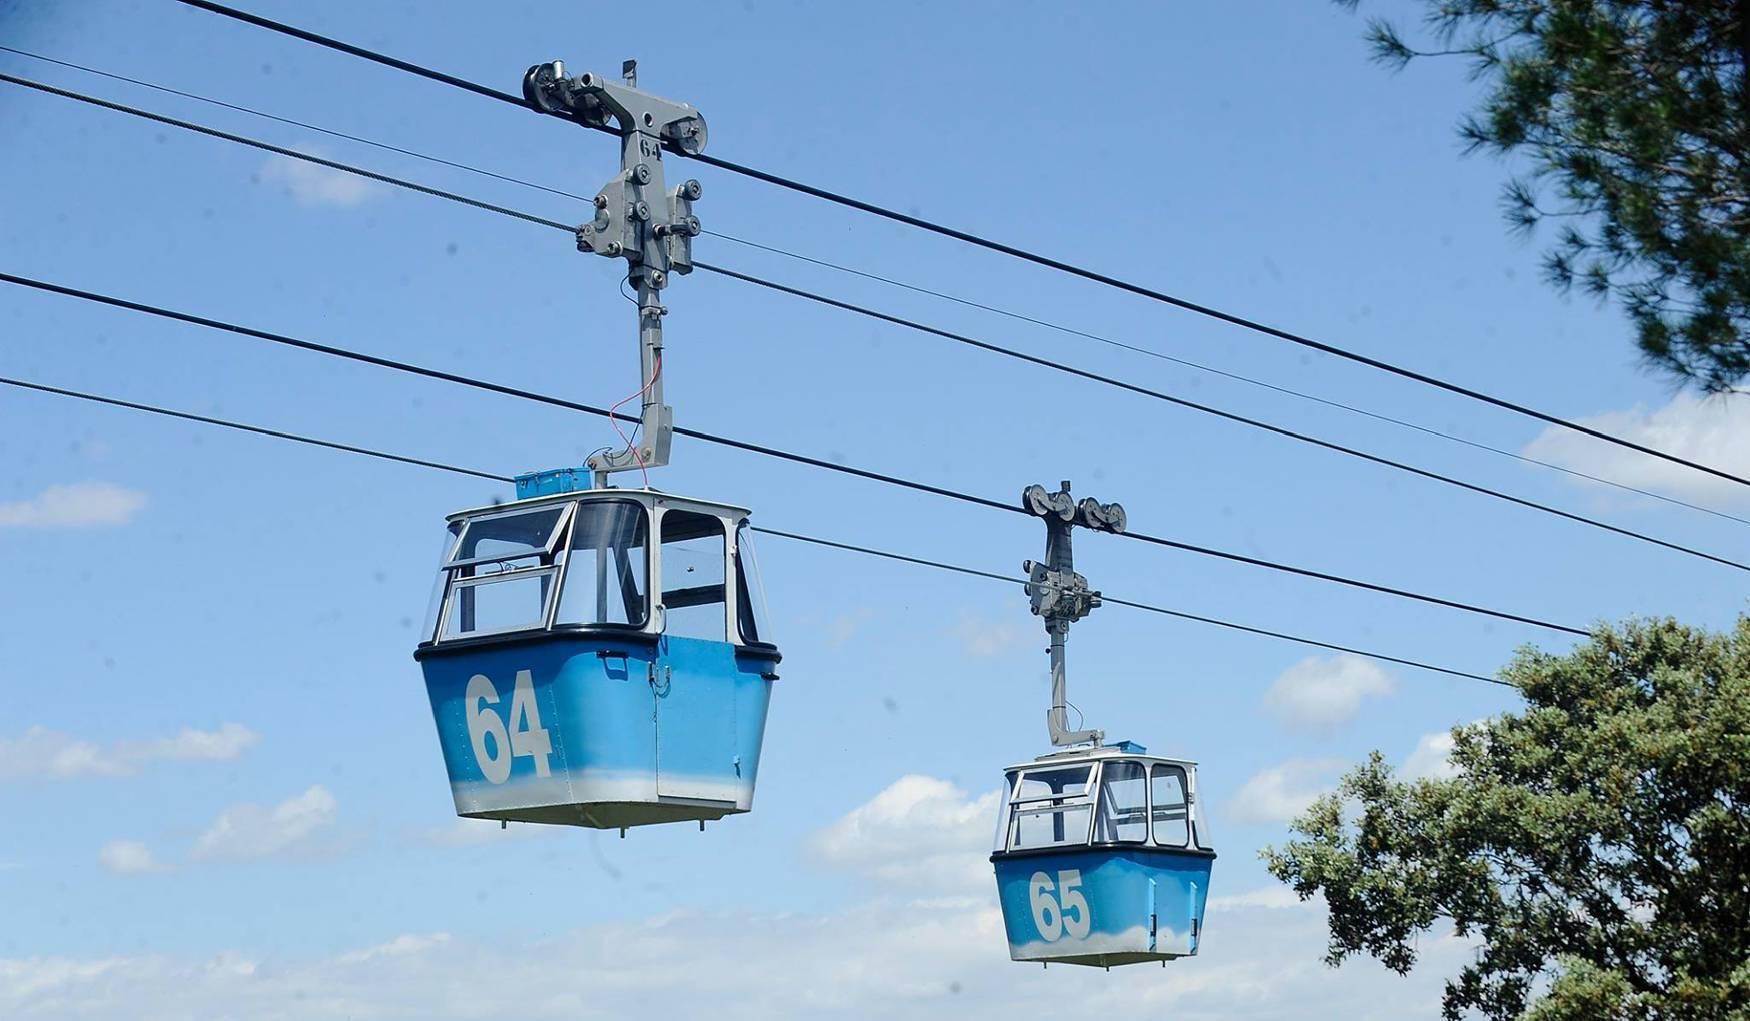 Химки и метро «Планерная» свяжет канатная дорога